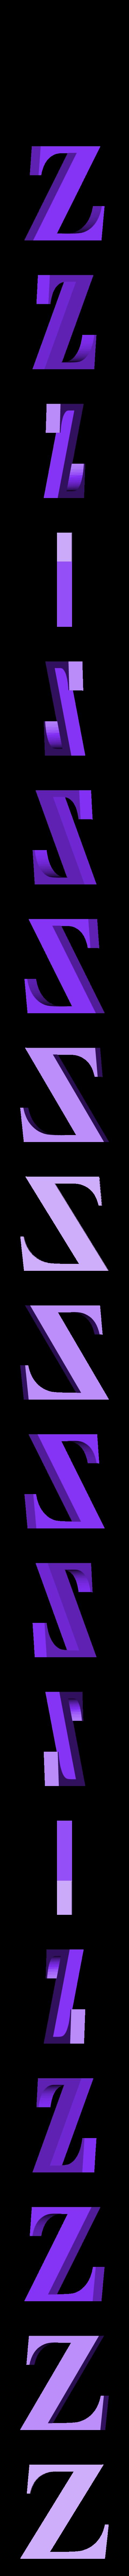 Z.STL Télécharger fichier STL gratuit alphabet • Modèle pour imprimante 3D, Cerega